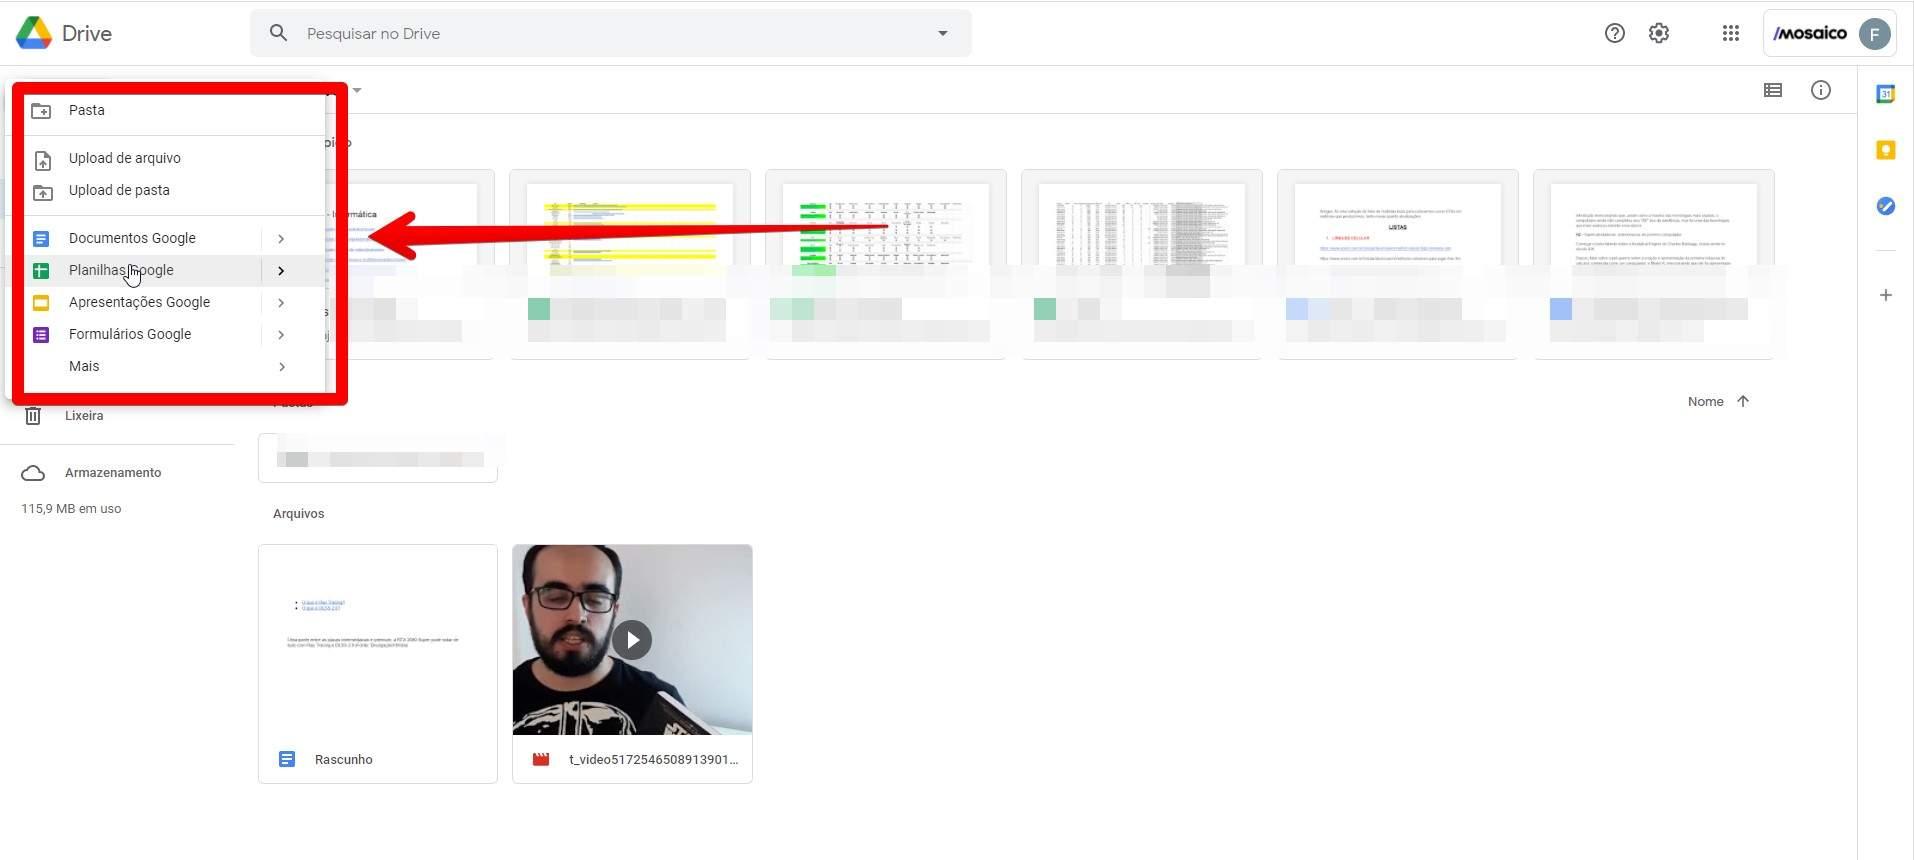 O Google Drive permite criar seus próprios arquivos de texto, planilhas e apresentações sem depender do pacote Office (Fonte: Reprodução/Filipe Salles)